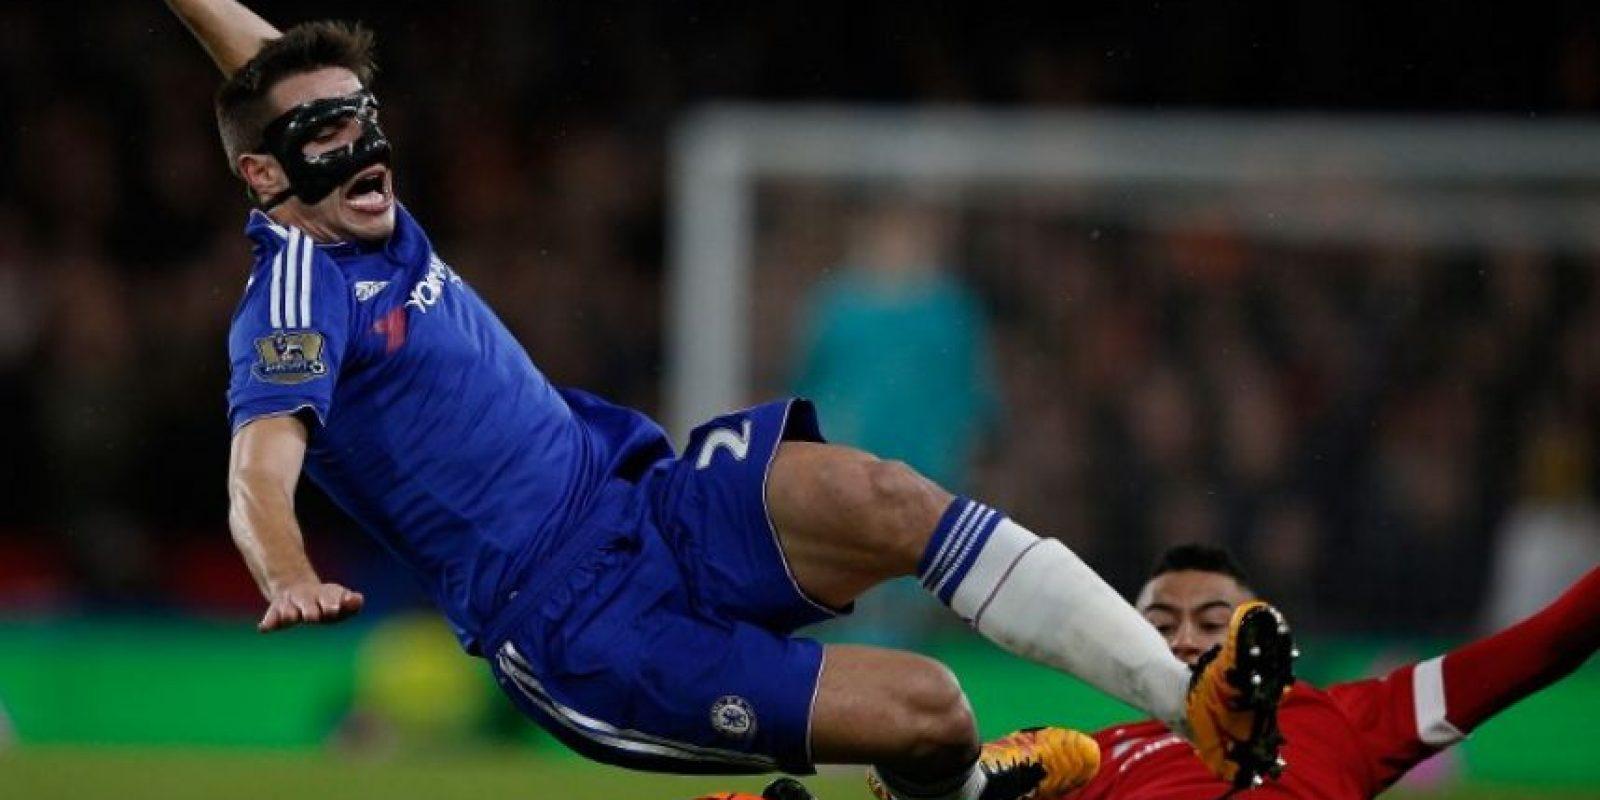 Jugadores del Chelsea y el Manchester United disputan un balón. Foto:AFP